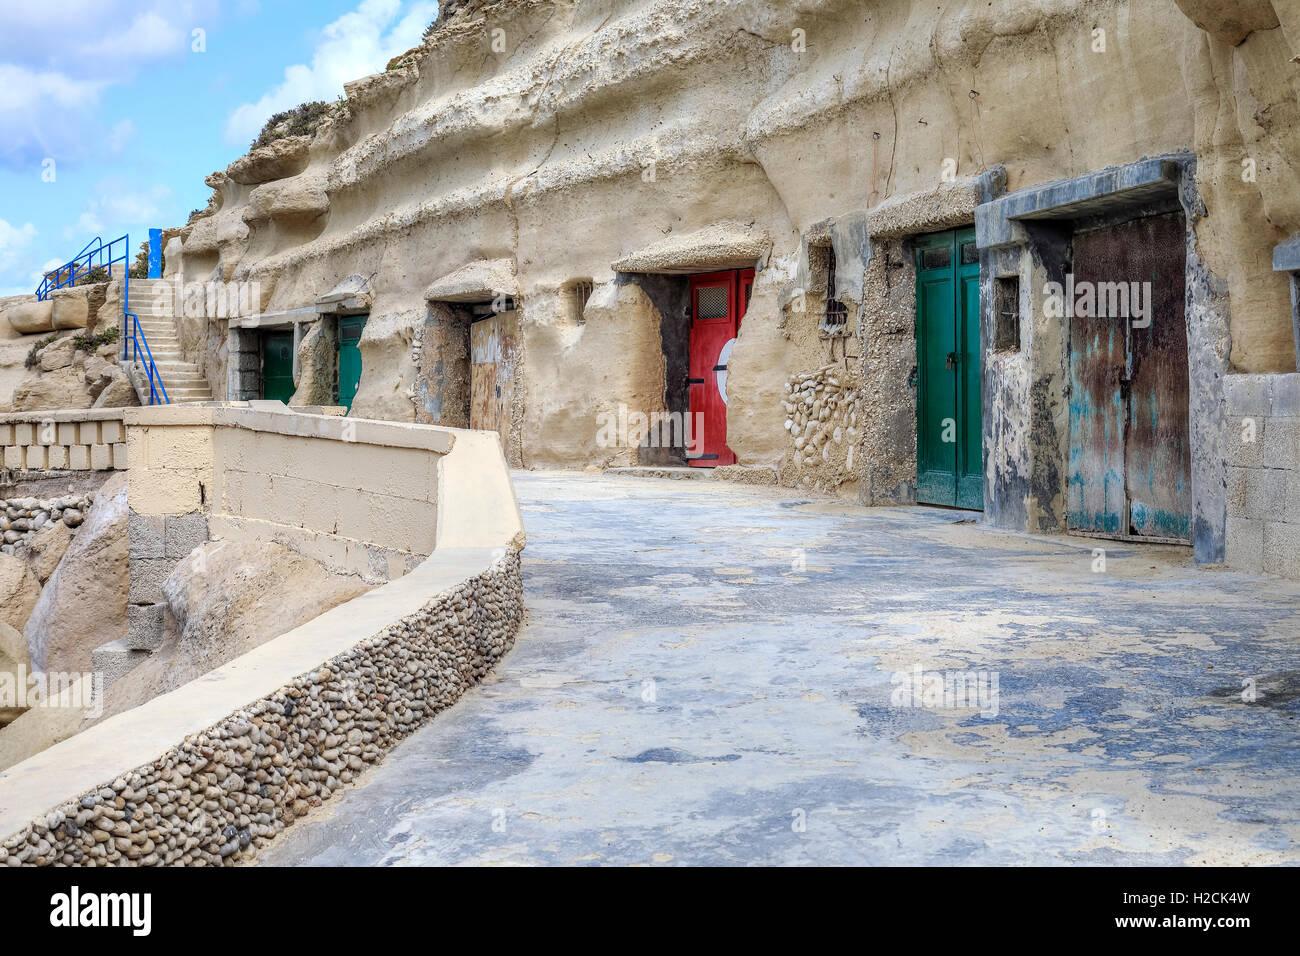 Dahlet Qorrot, Gozo, Malta - Stock Image